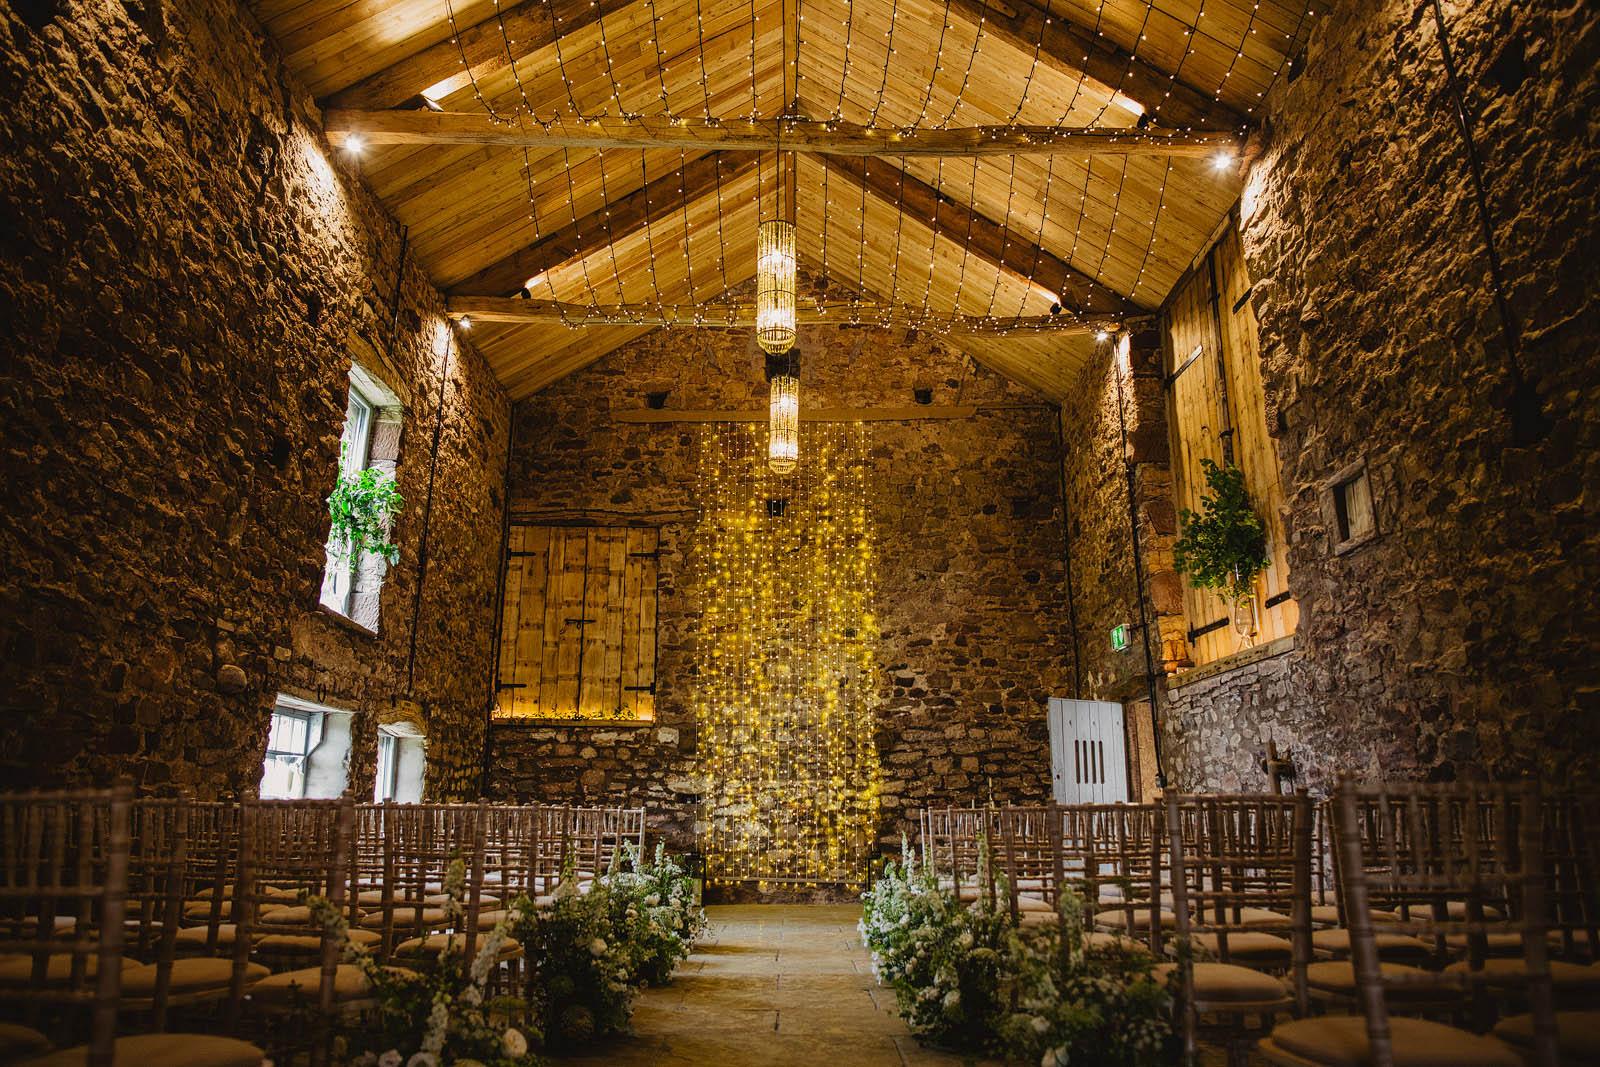 Eden barn wedding photos